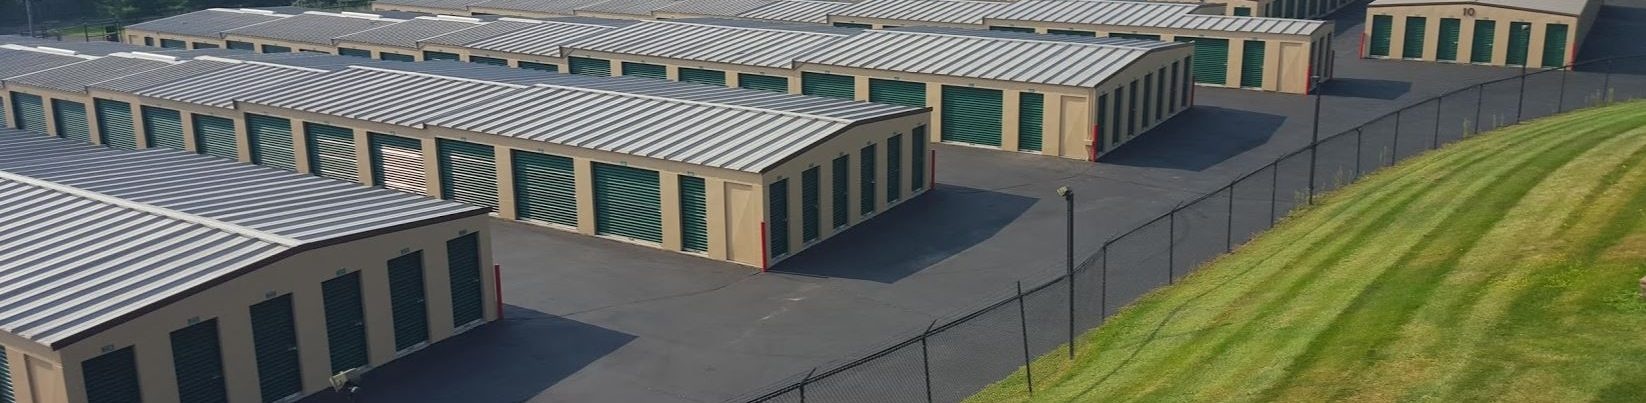 Doylestown PA Storage Units